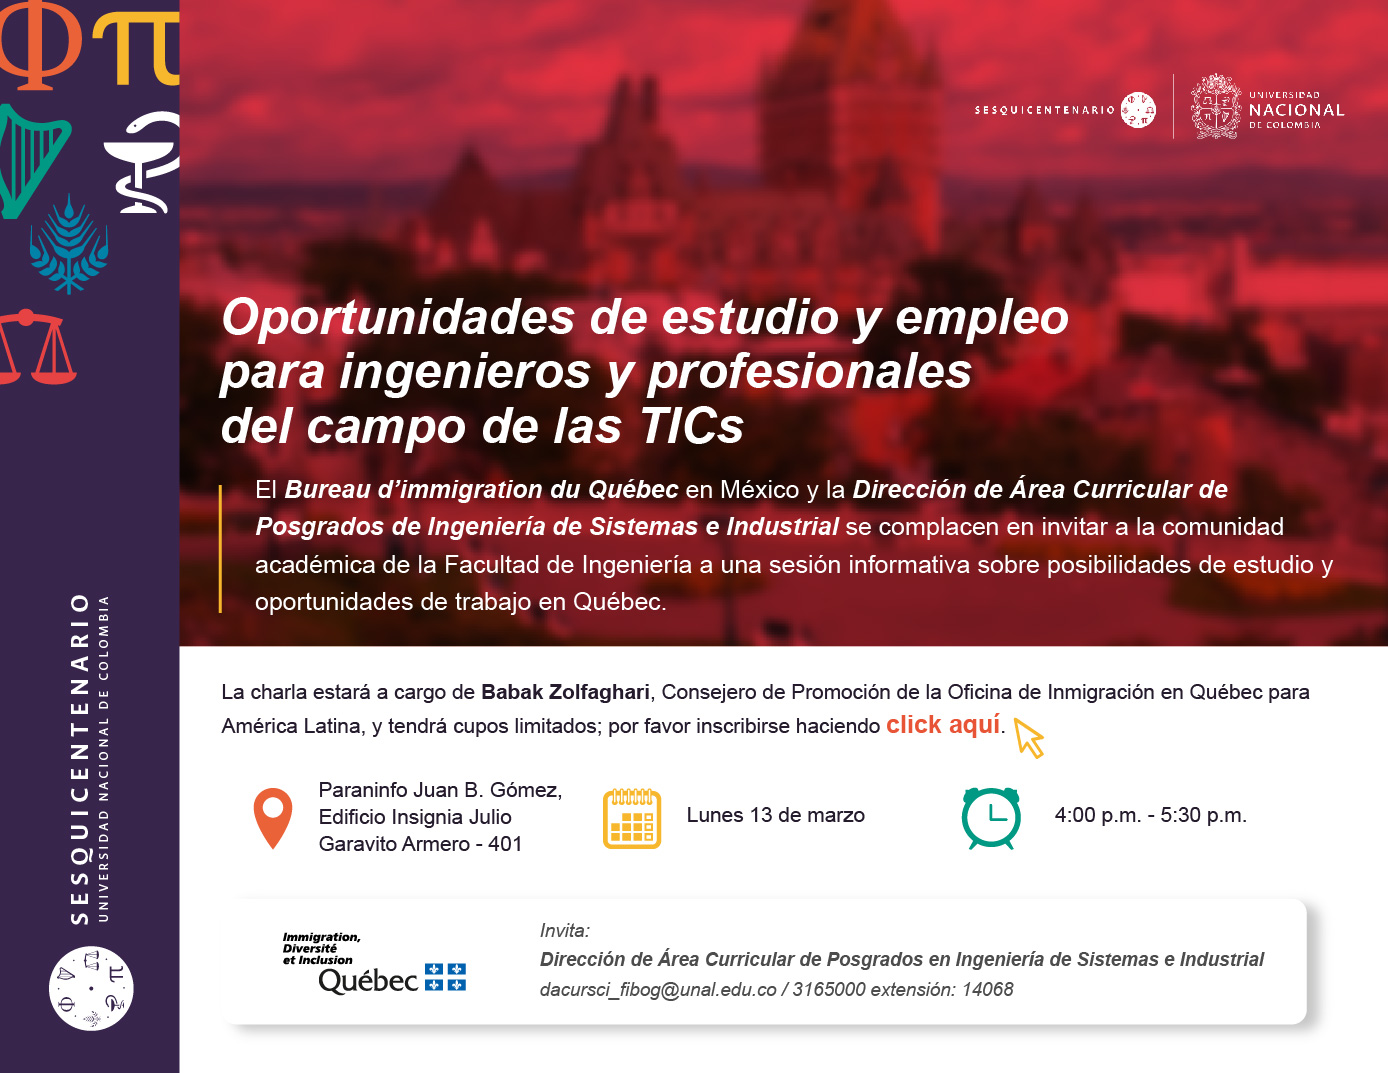 Sesión informativa sobre oportunidades laborales y de estudio en Quebec para ingenieros y profesionales del campo de las TIC (marzo 2017)